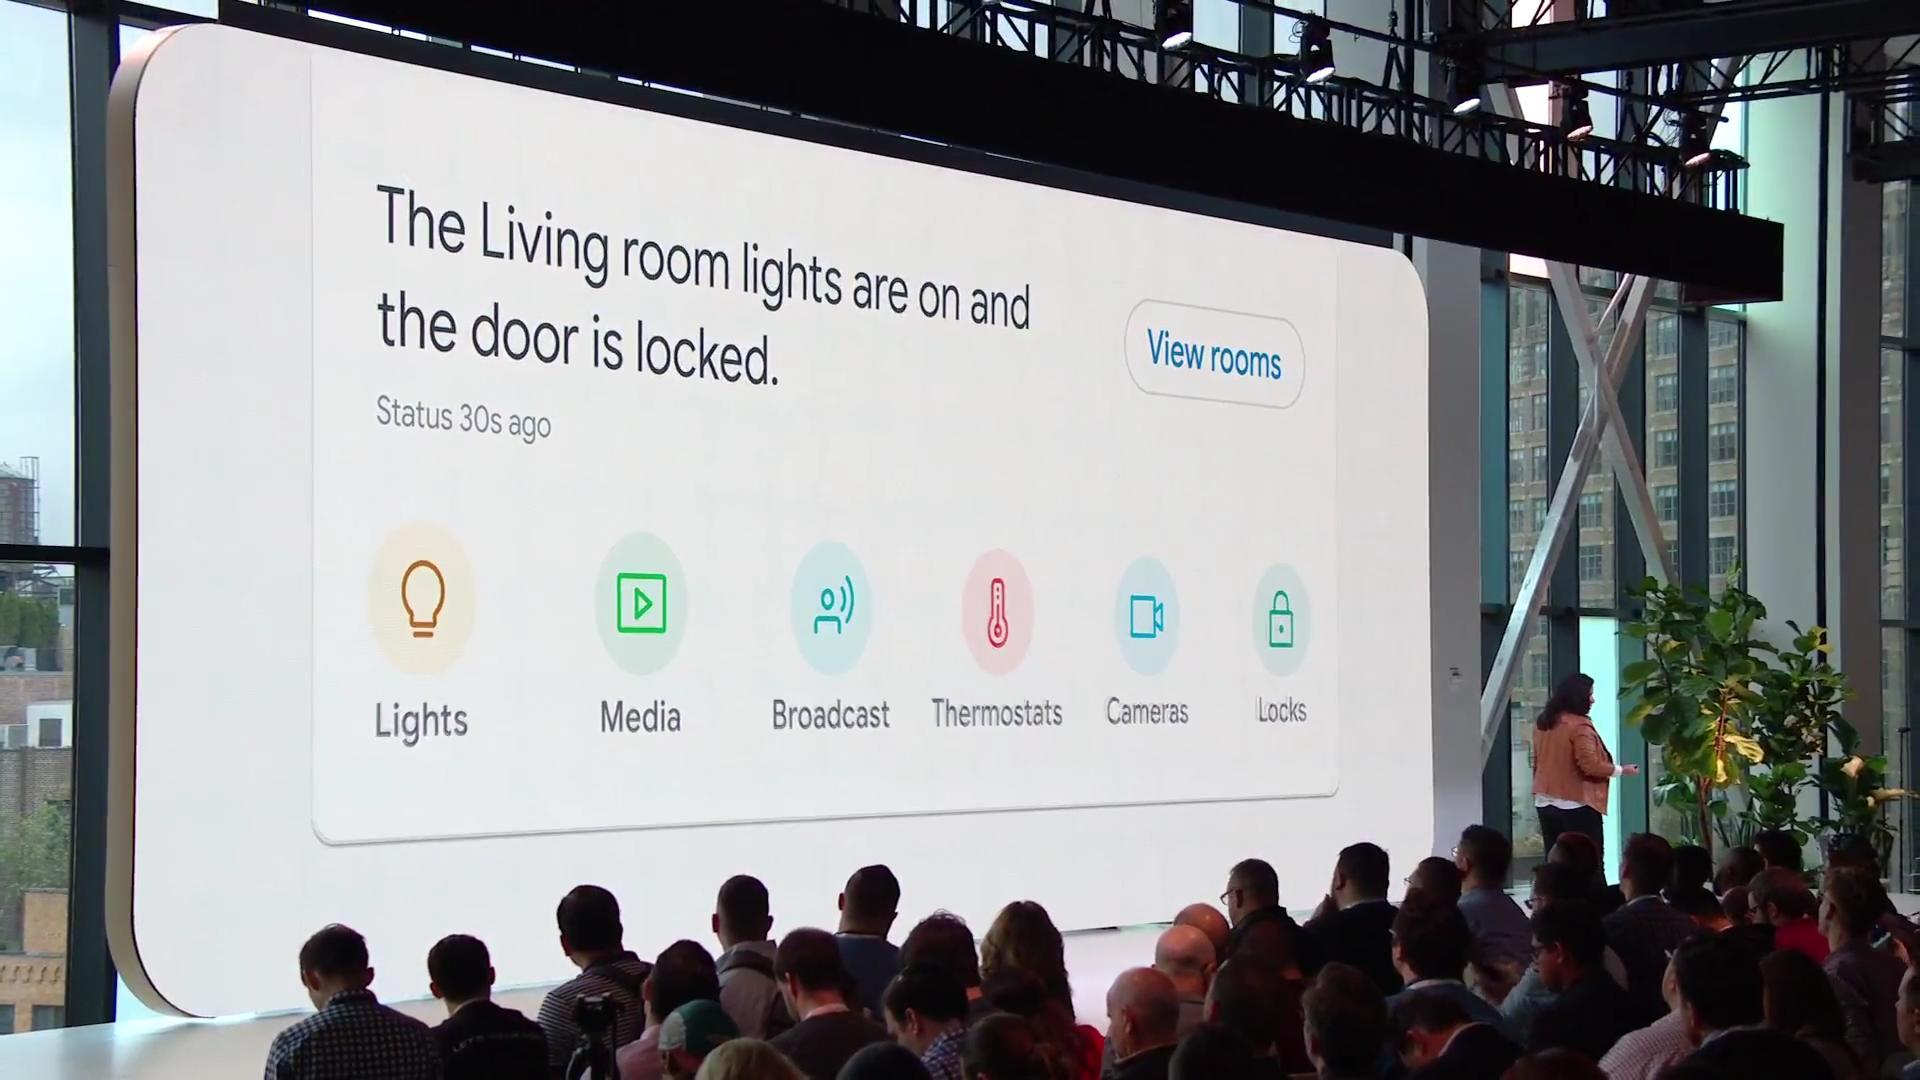 Gestire i dispositivi smart ora è più semplice con la nuova Home